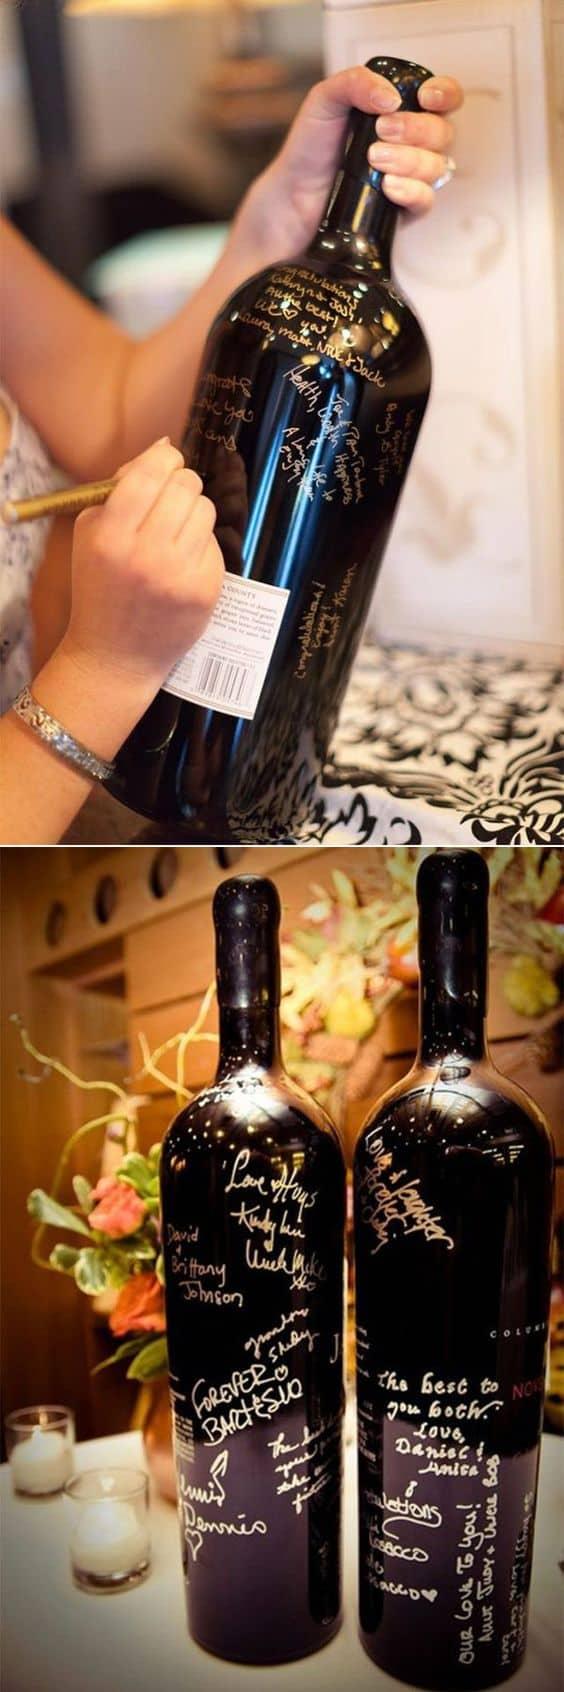 bottiglia vino come guestbook